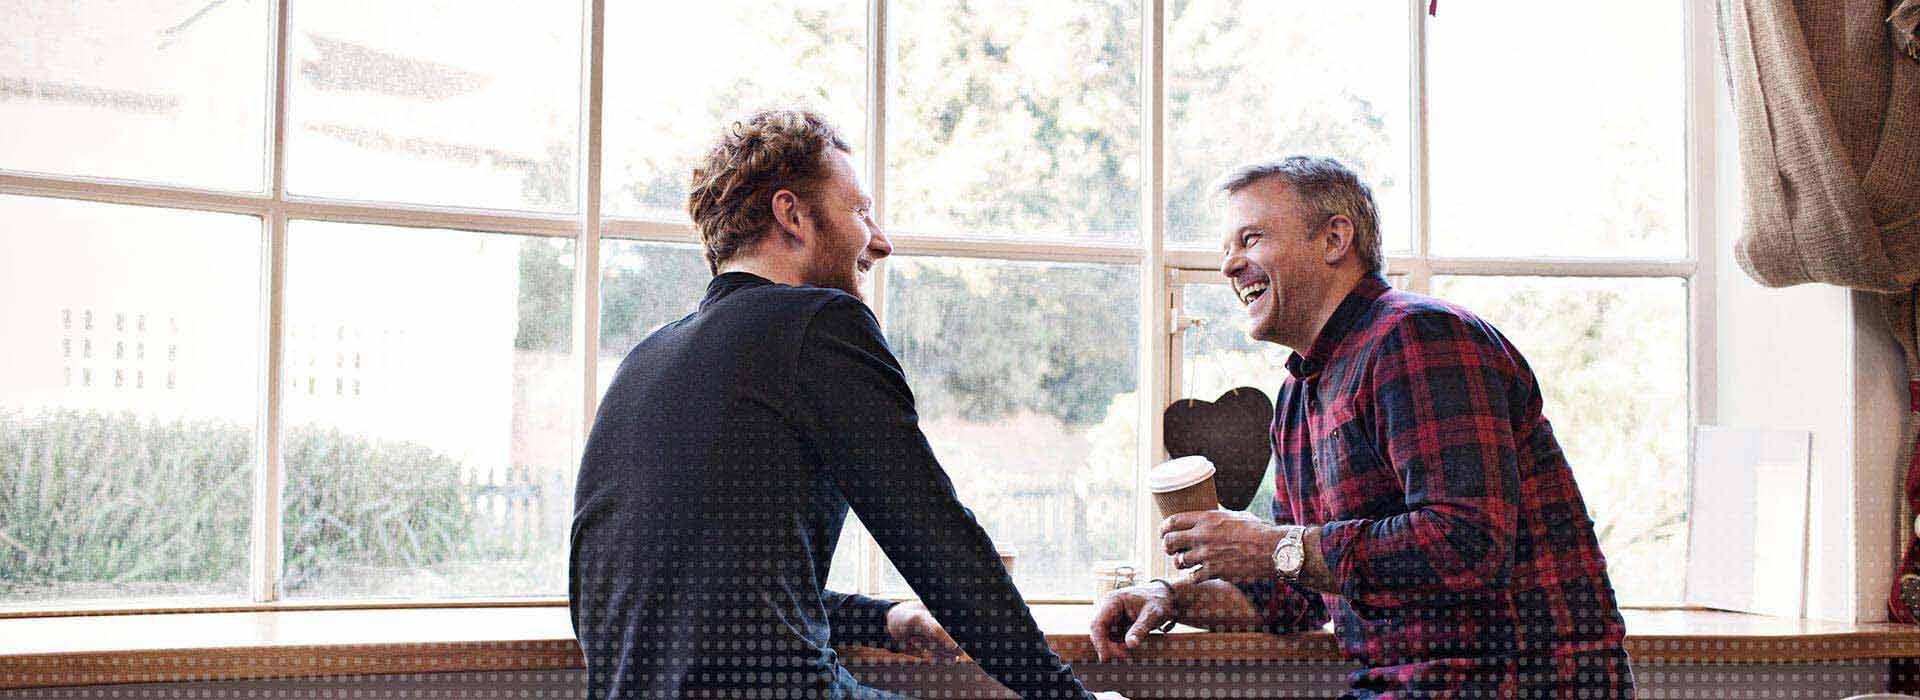 Due amici maschi seduti in un caffè